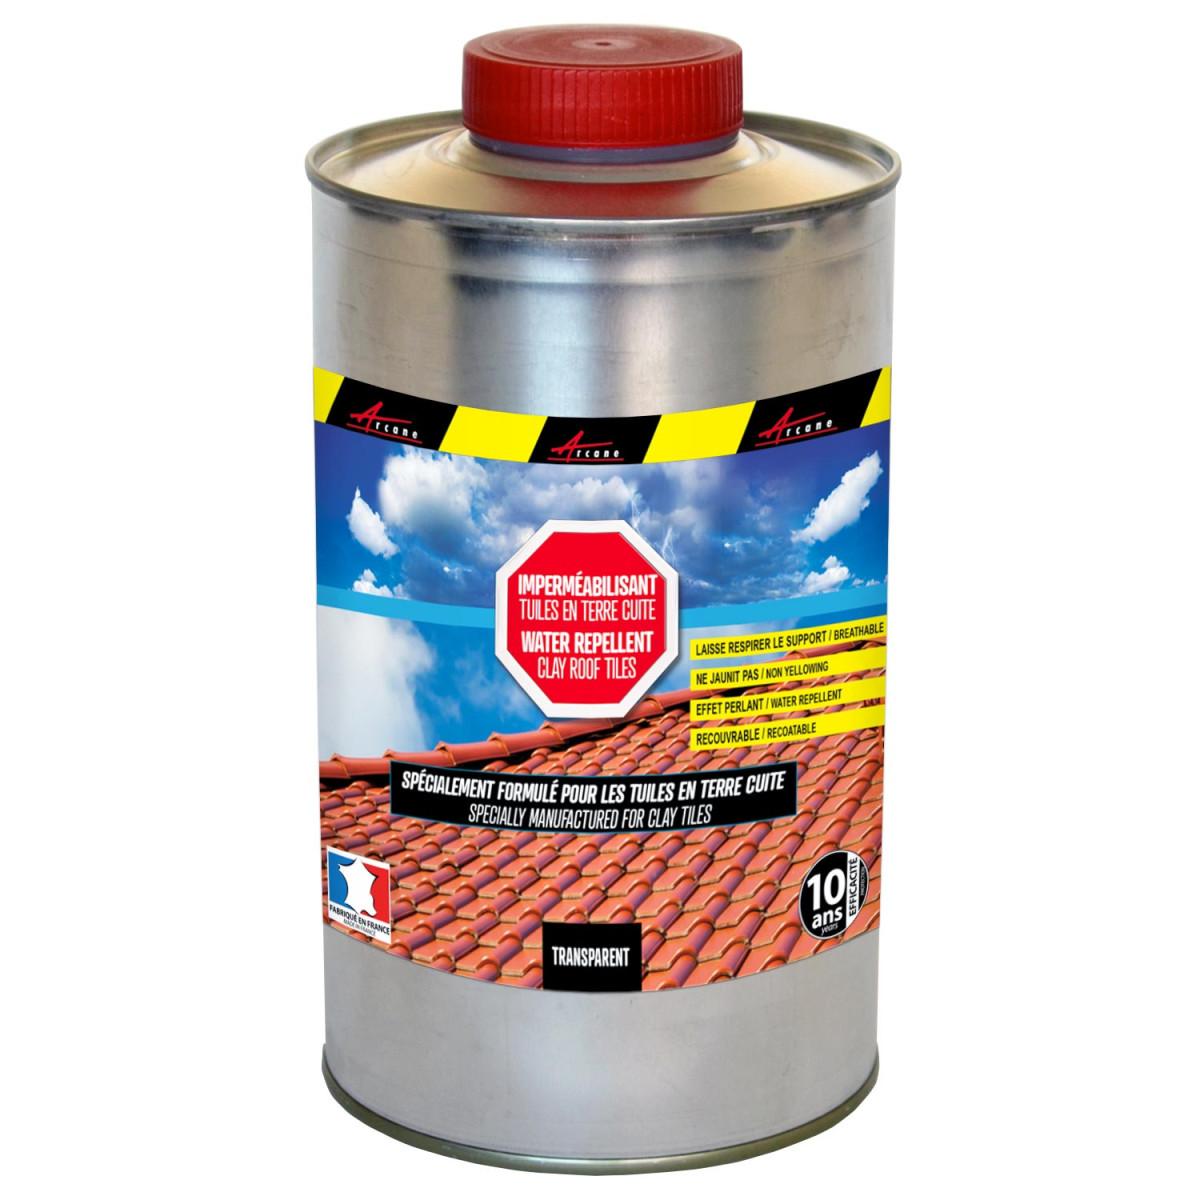 Hydrofuge impérméabilisant incolore pour tuiles en terre cuite: IMPERTOITURE TERRE CUITE